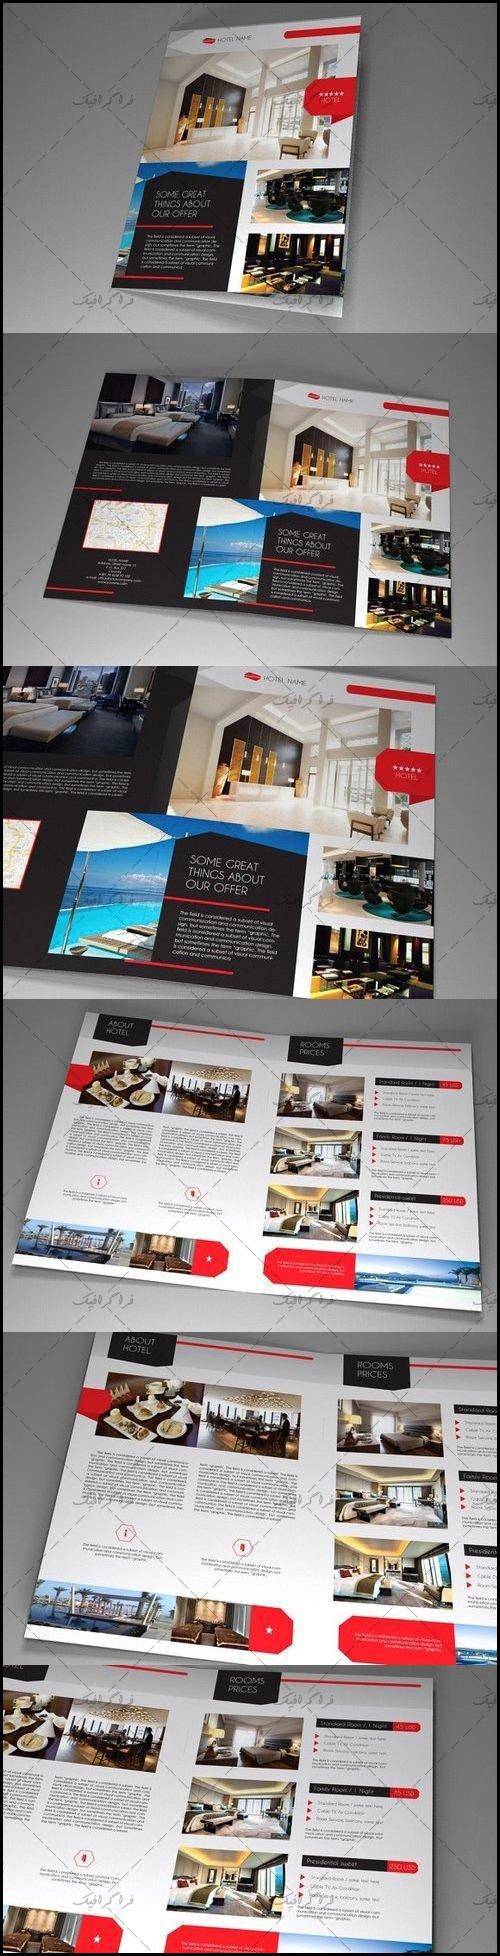 دانلود فایل لایه باز ایندیزاین بروشور هتل - رایگان